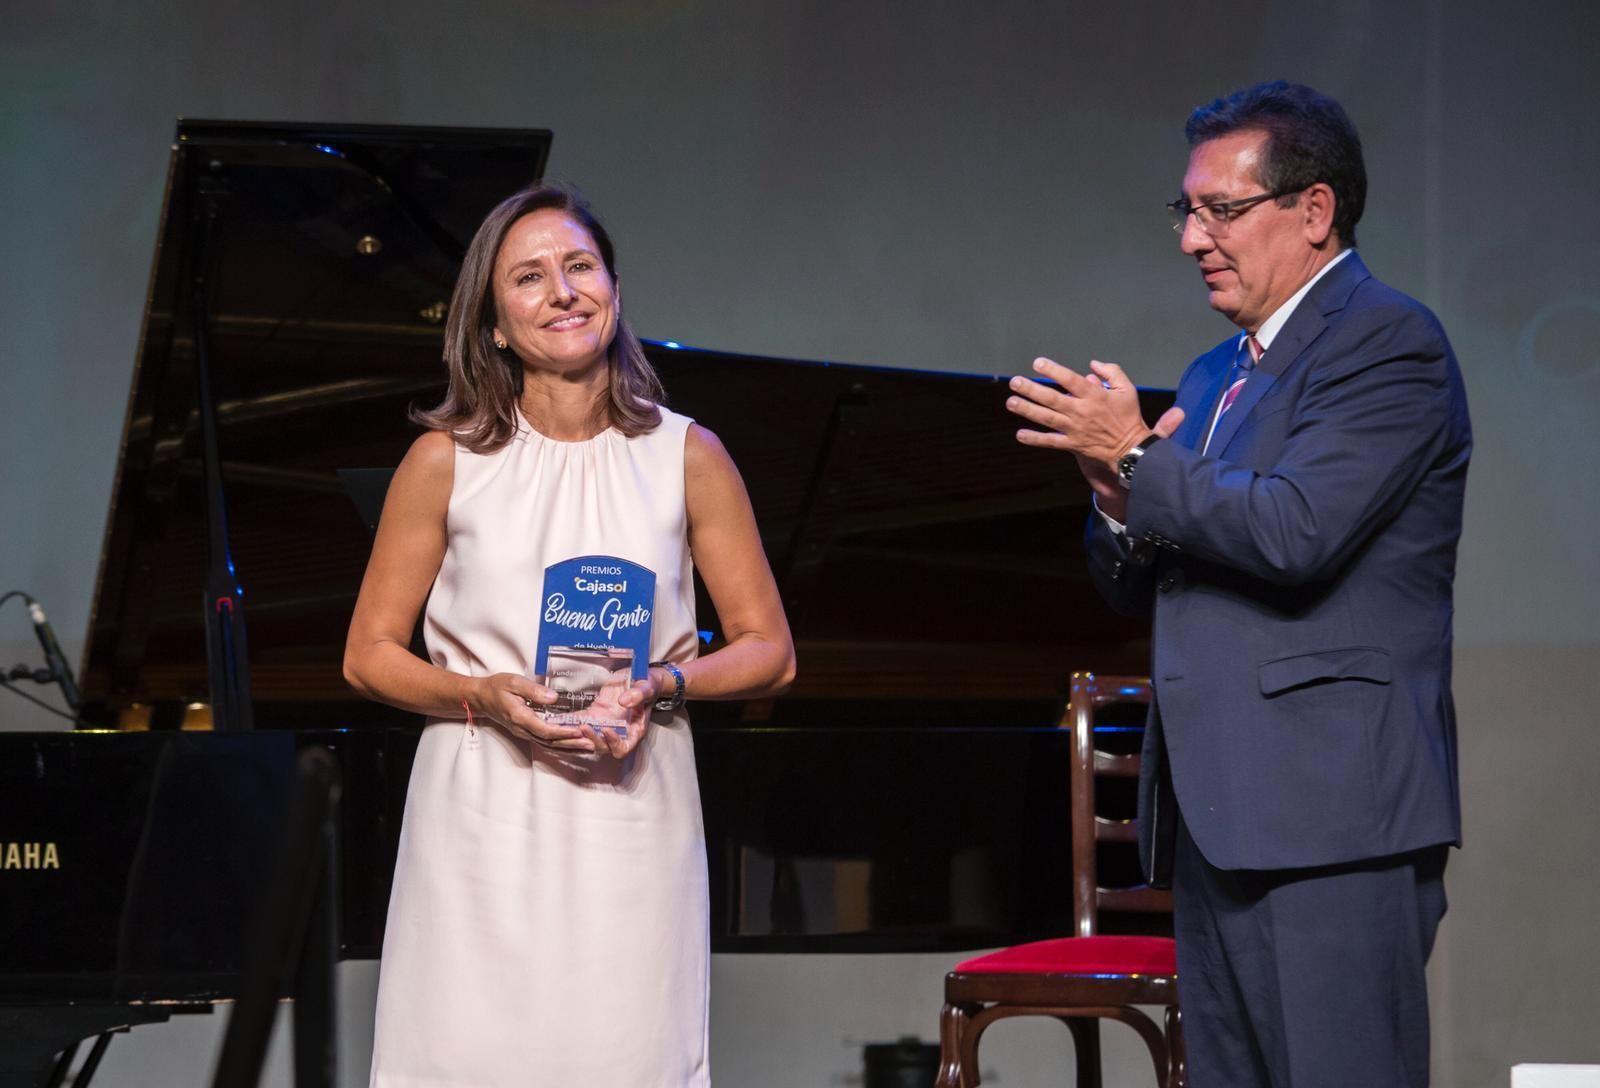 Entrega de Premios Buena Gente de Huelva